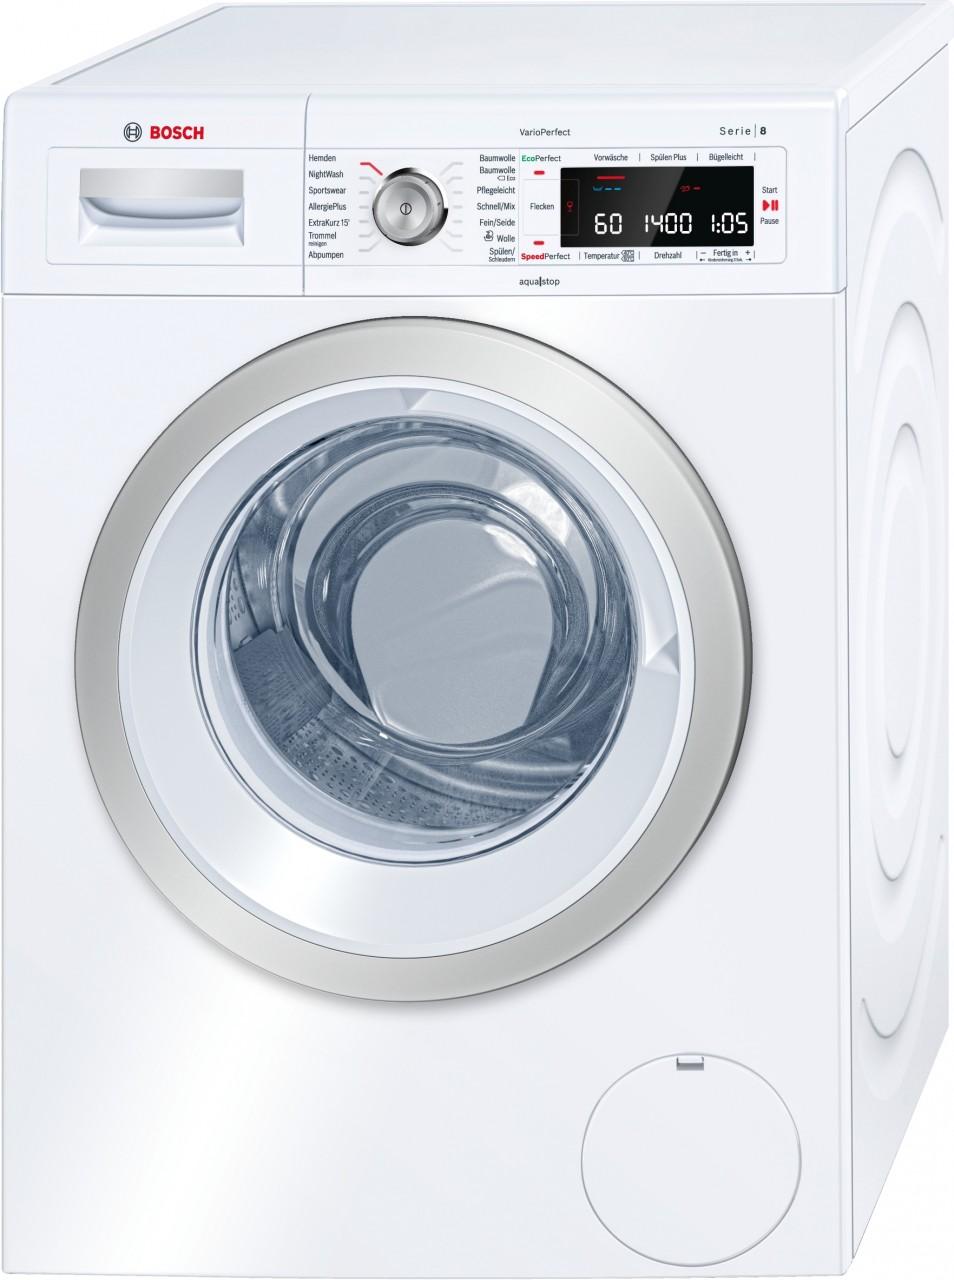 Bosch WAW28570 Waschvollautomat Serie 8 Testsieger 10/2017